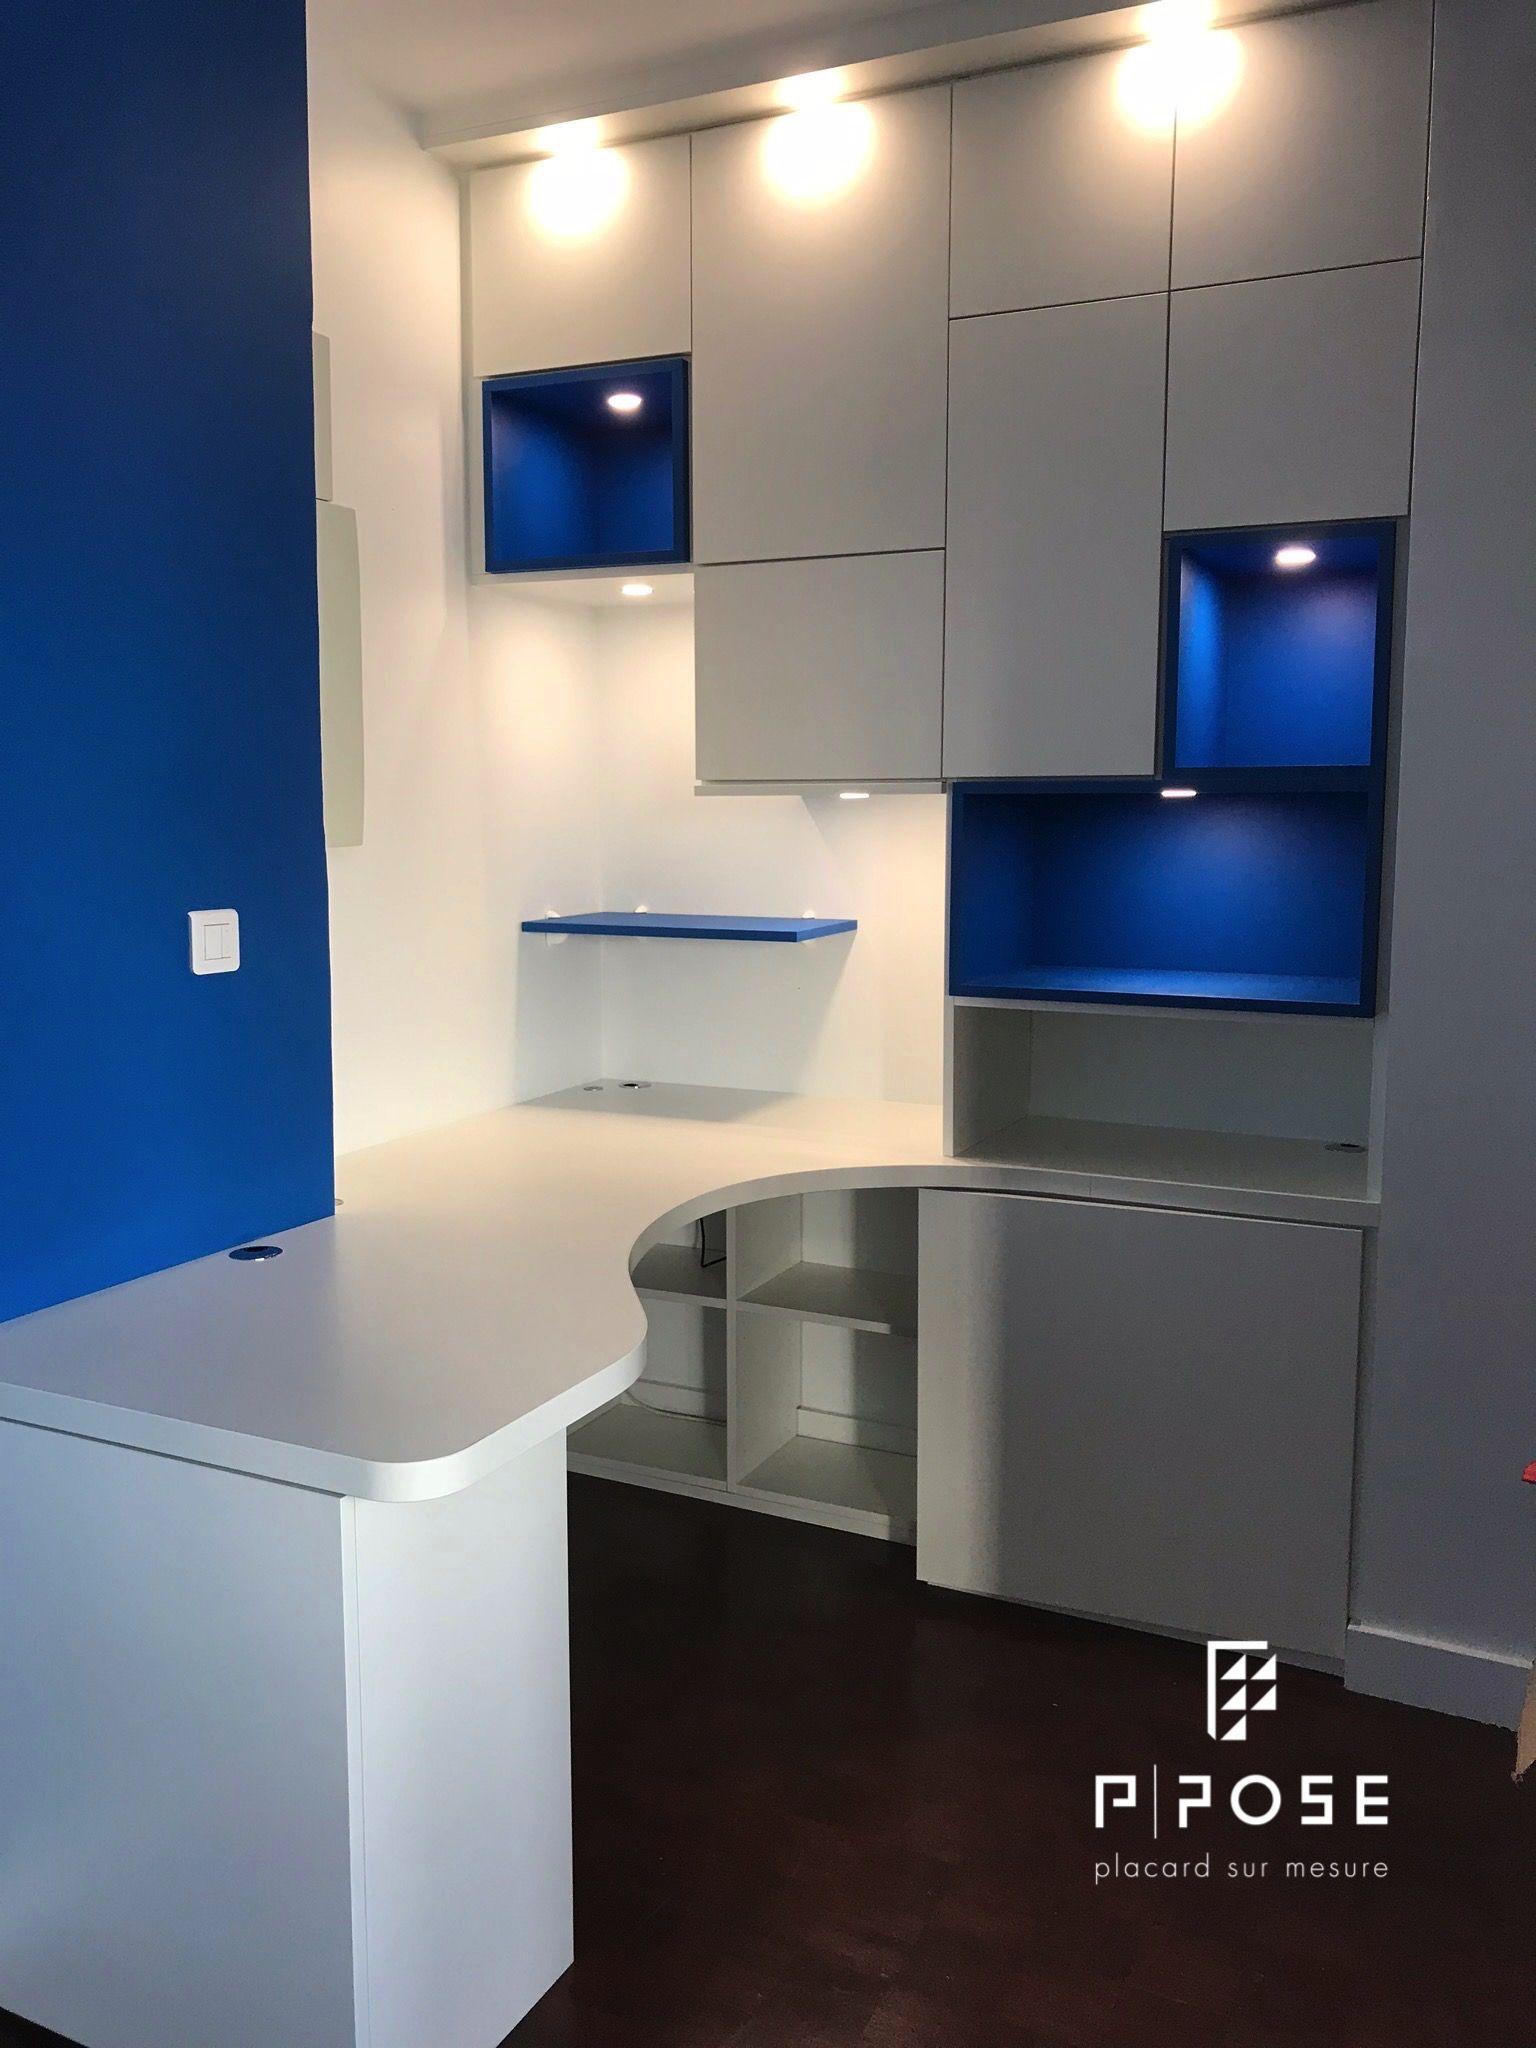 Bureau En Melamine Blanc Porcelaine Avec Niches Blue Sea Le